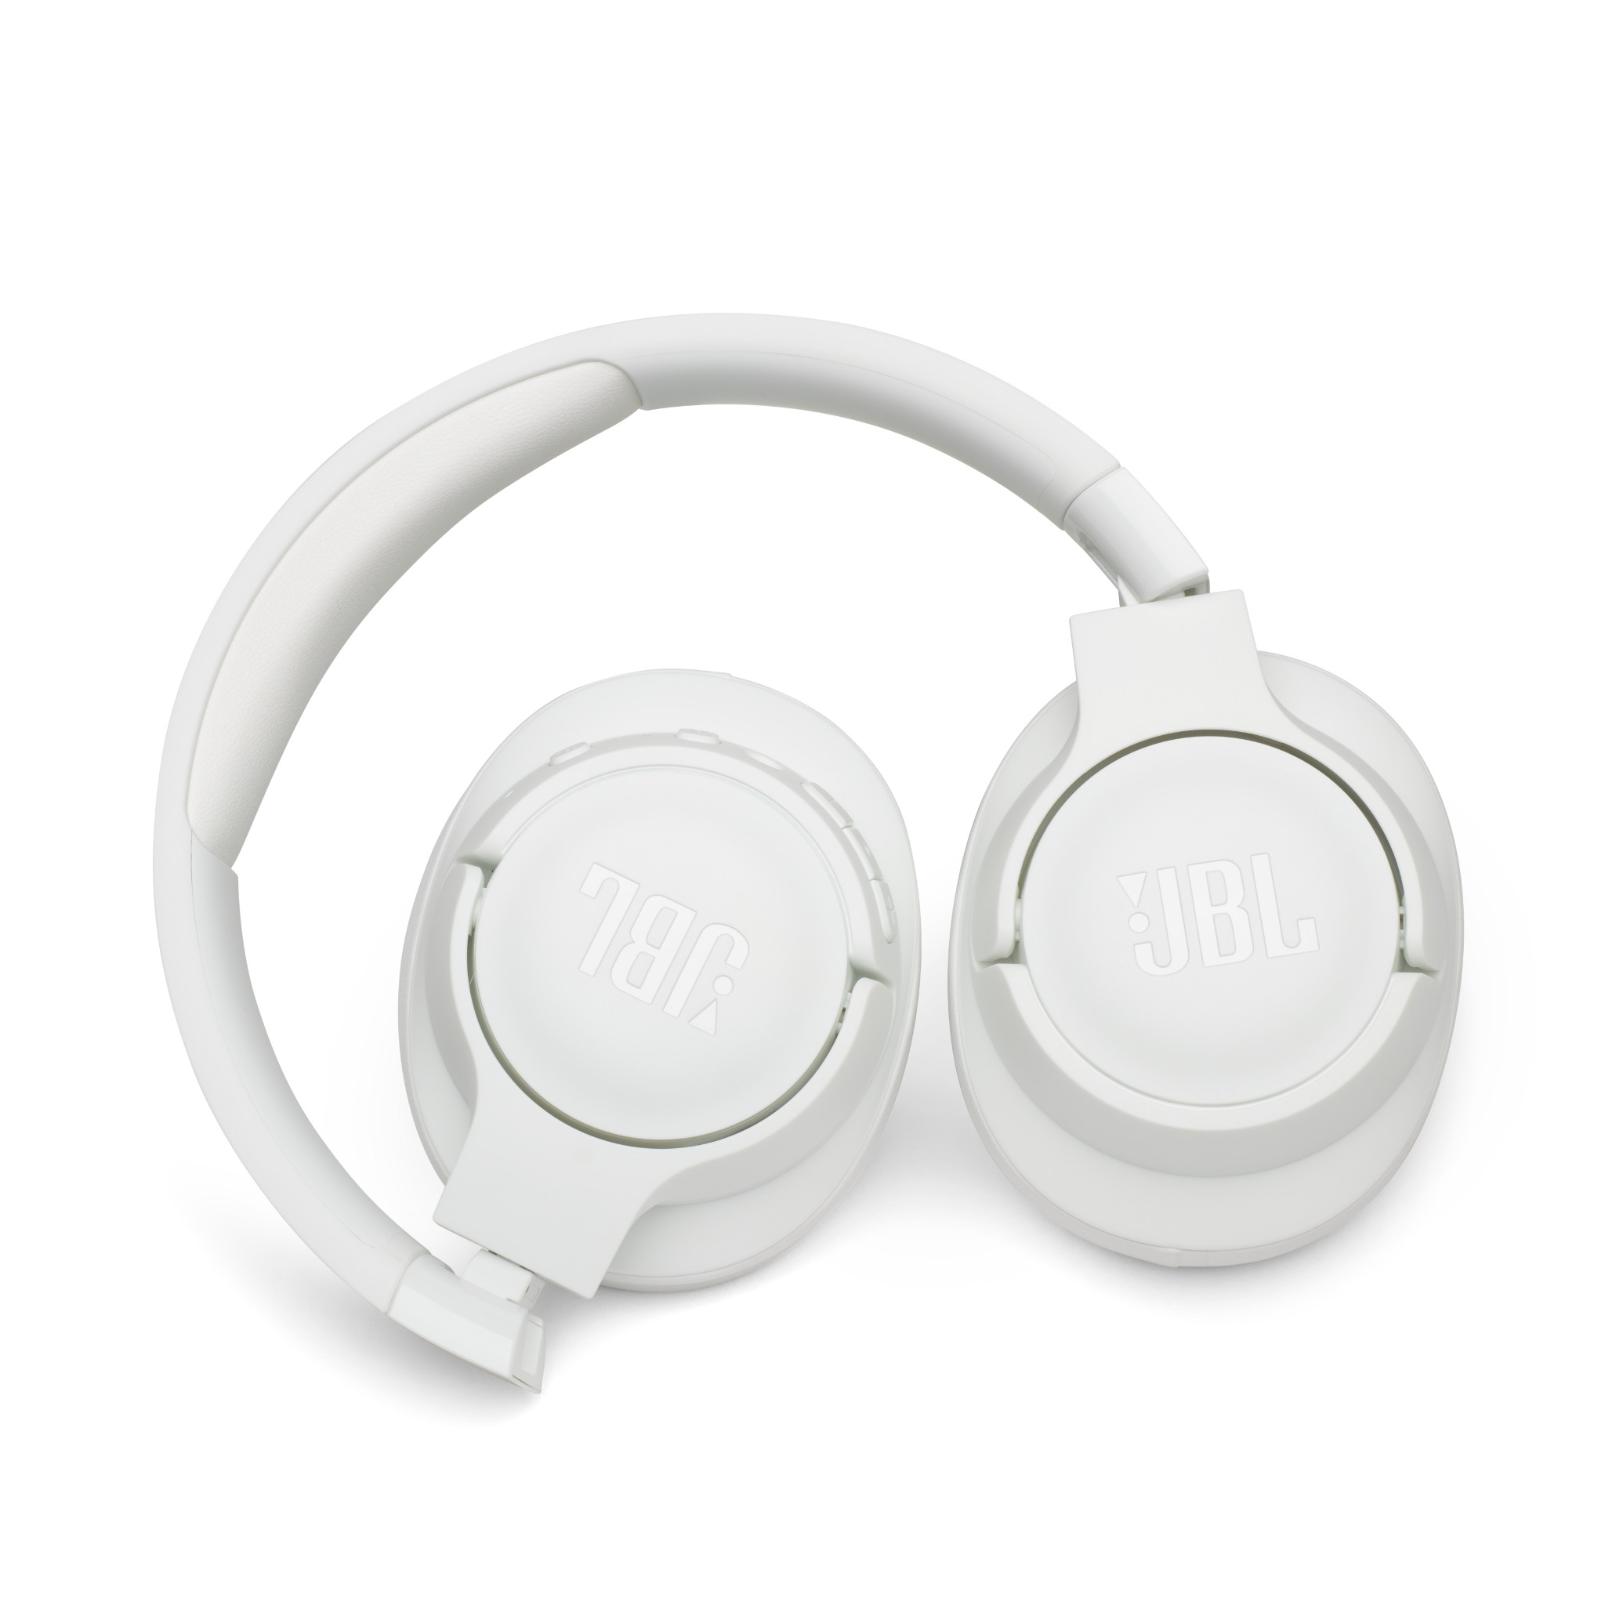 JBL TUNE 750BTNC - White - Wireless Over-Ear ANC Headphones - Detailshot 1